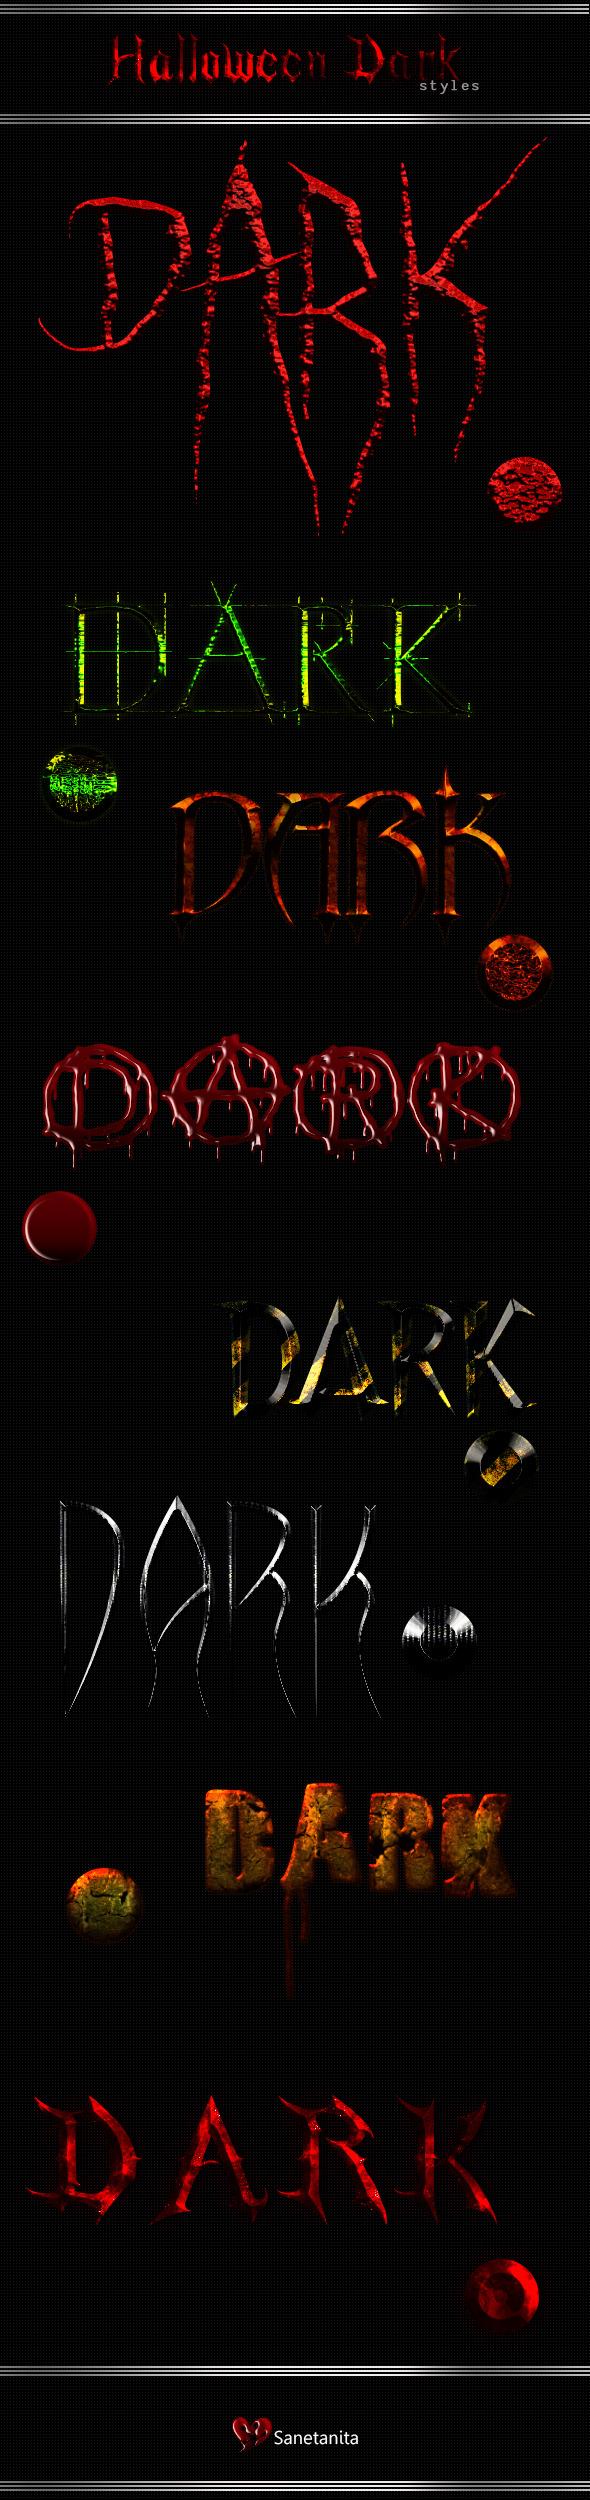 GraphicRiver Halloween Dark Styles 9176225